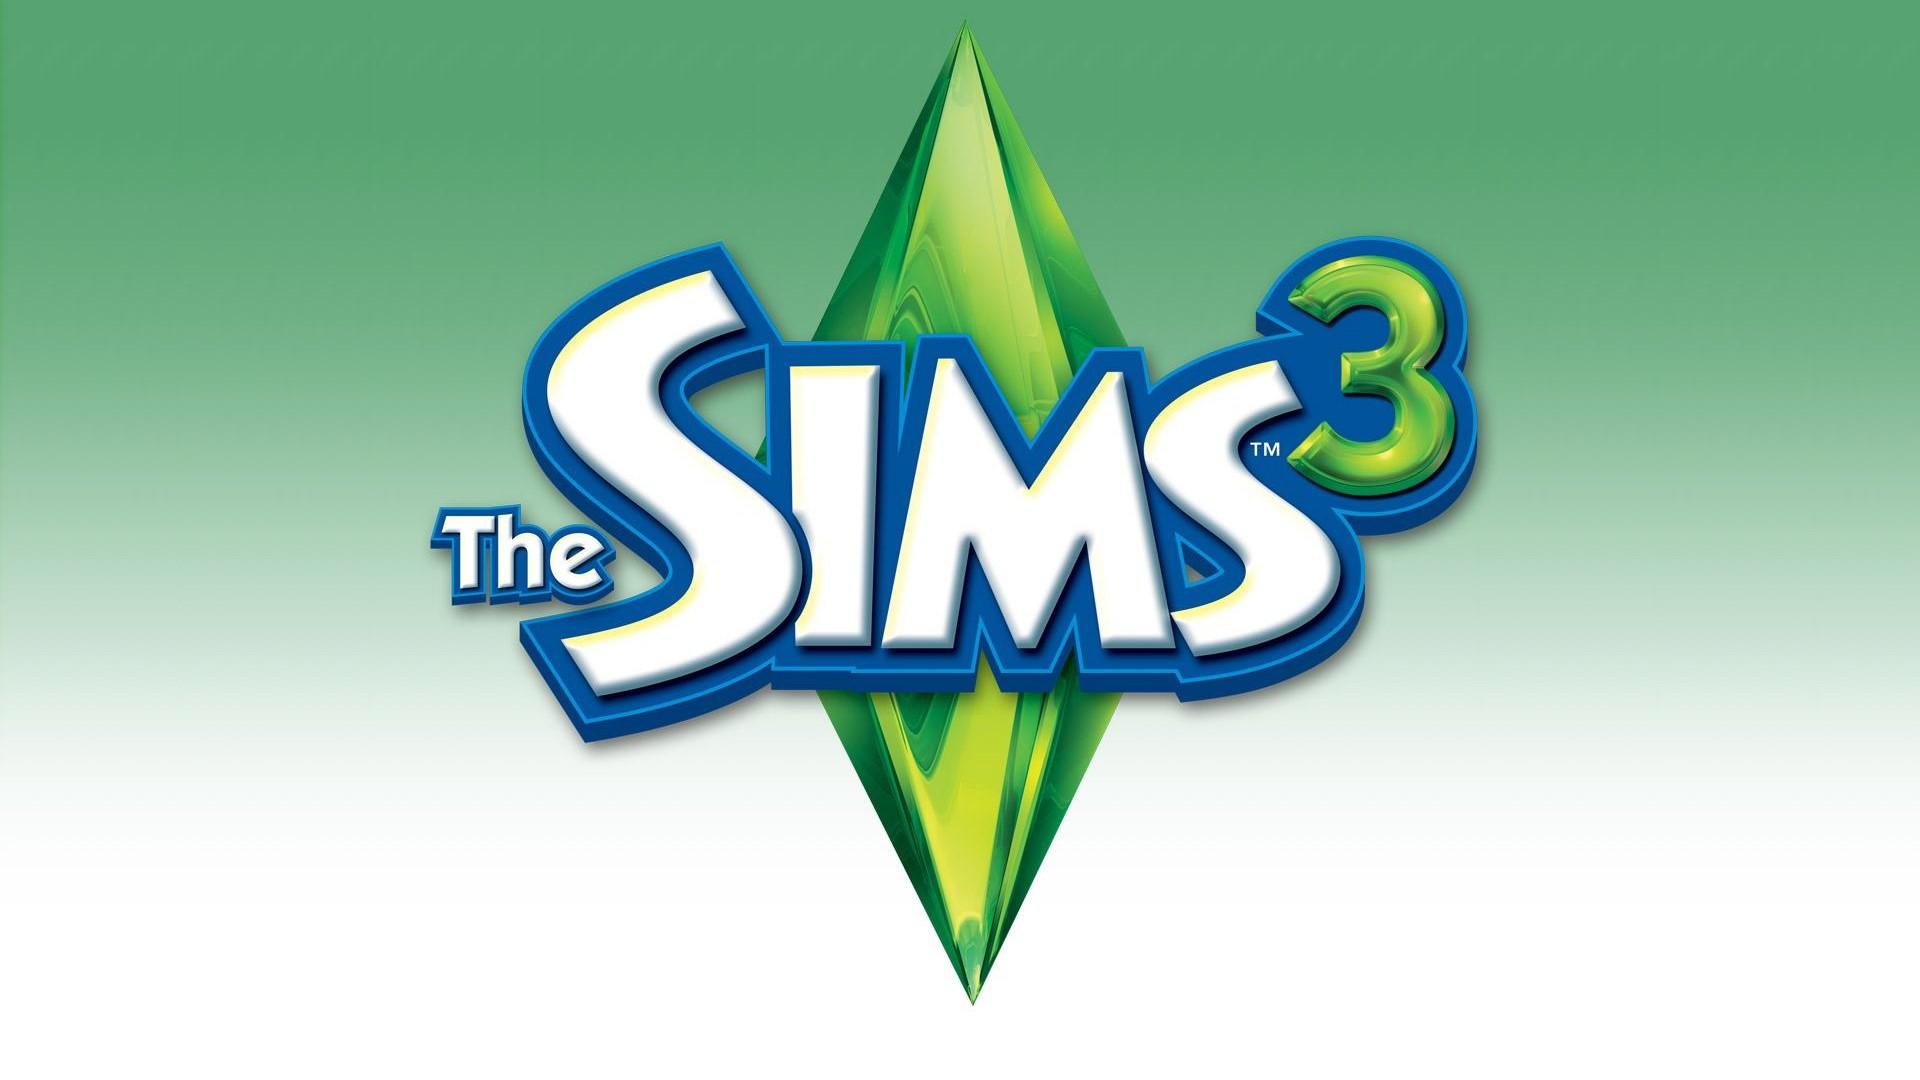 The Sims 3 Hd обои фон 1920x1080 Id666819 Wallpaper